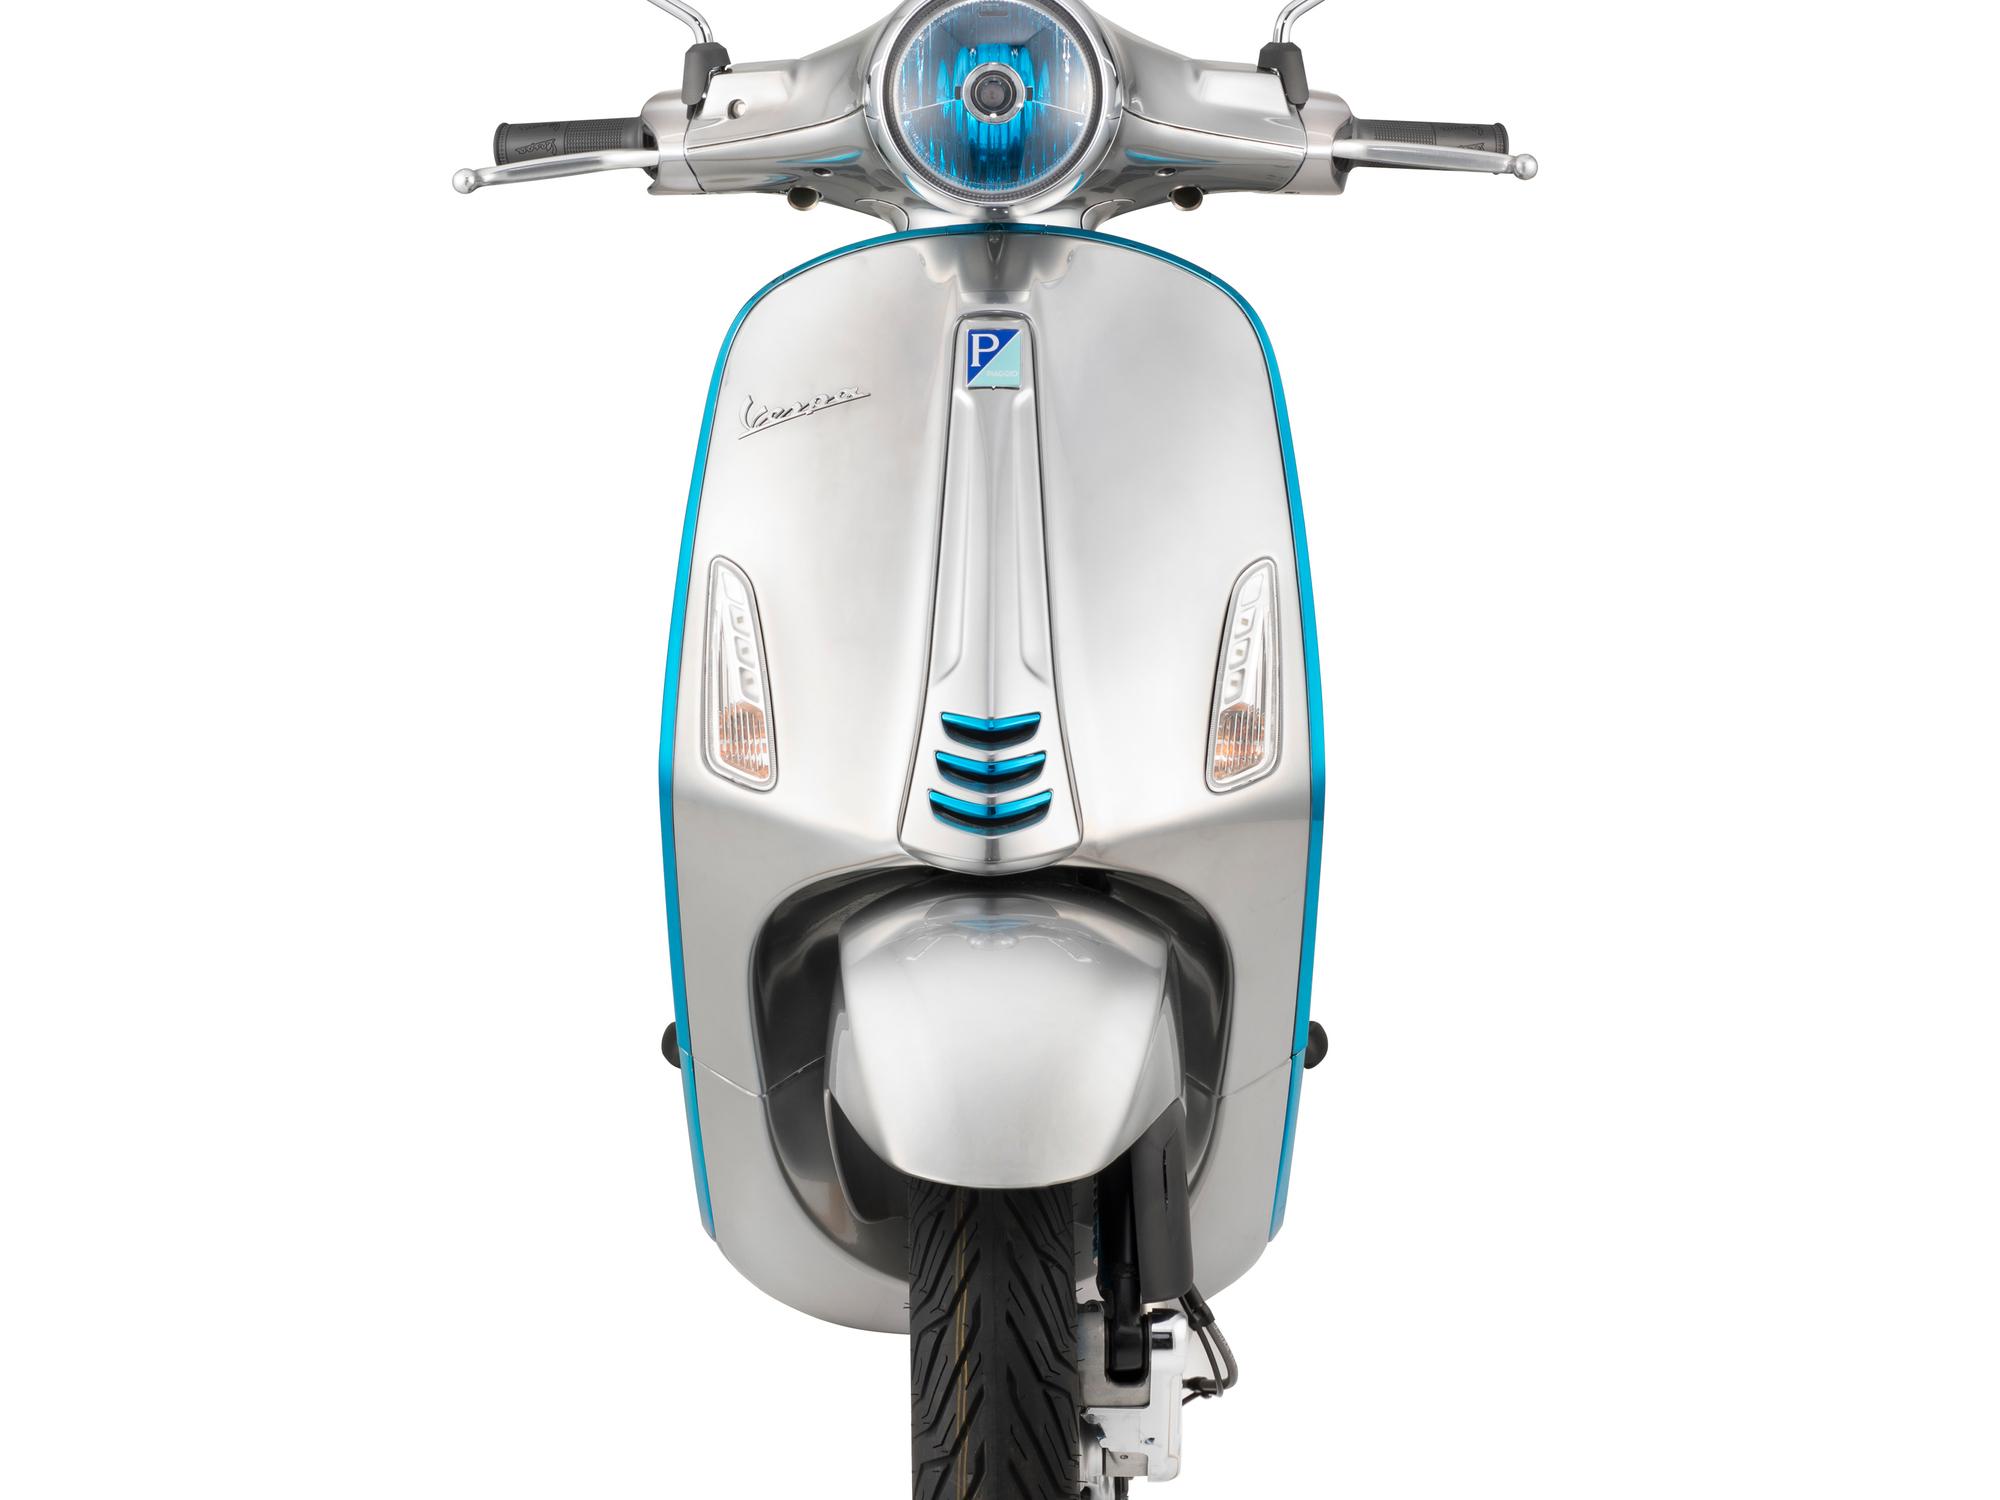 Vespa va commercialiser son premier scooter électrique en octobre